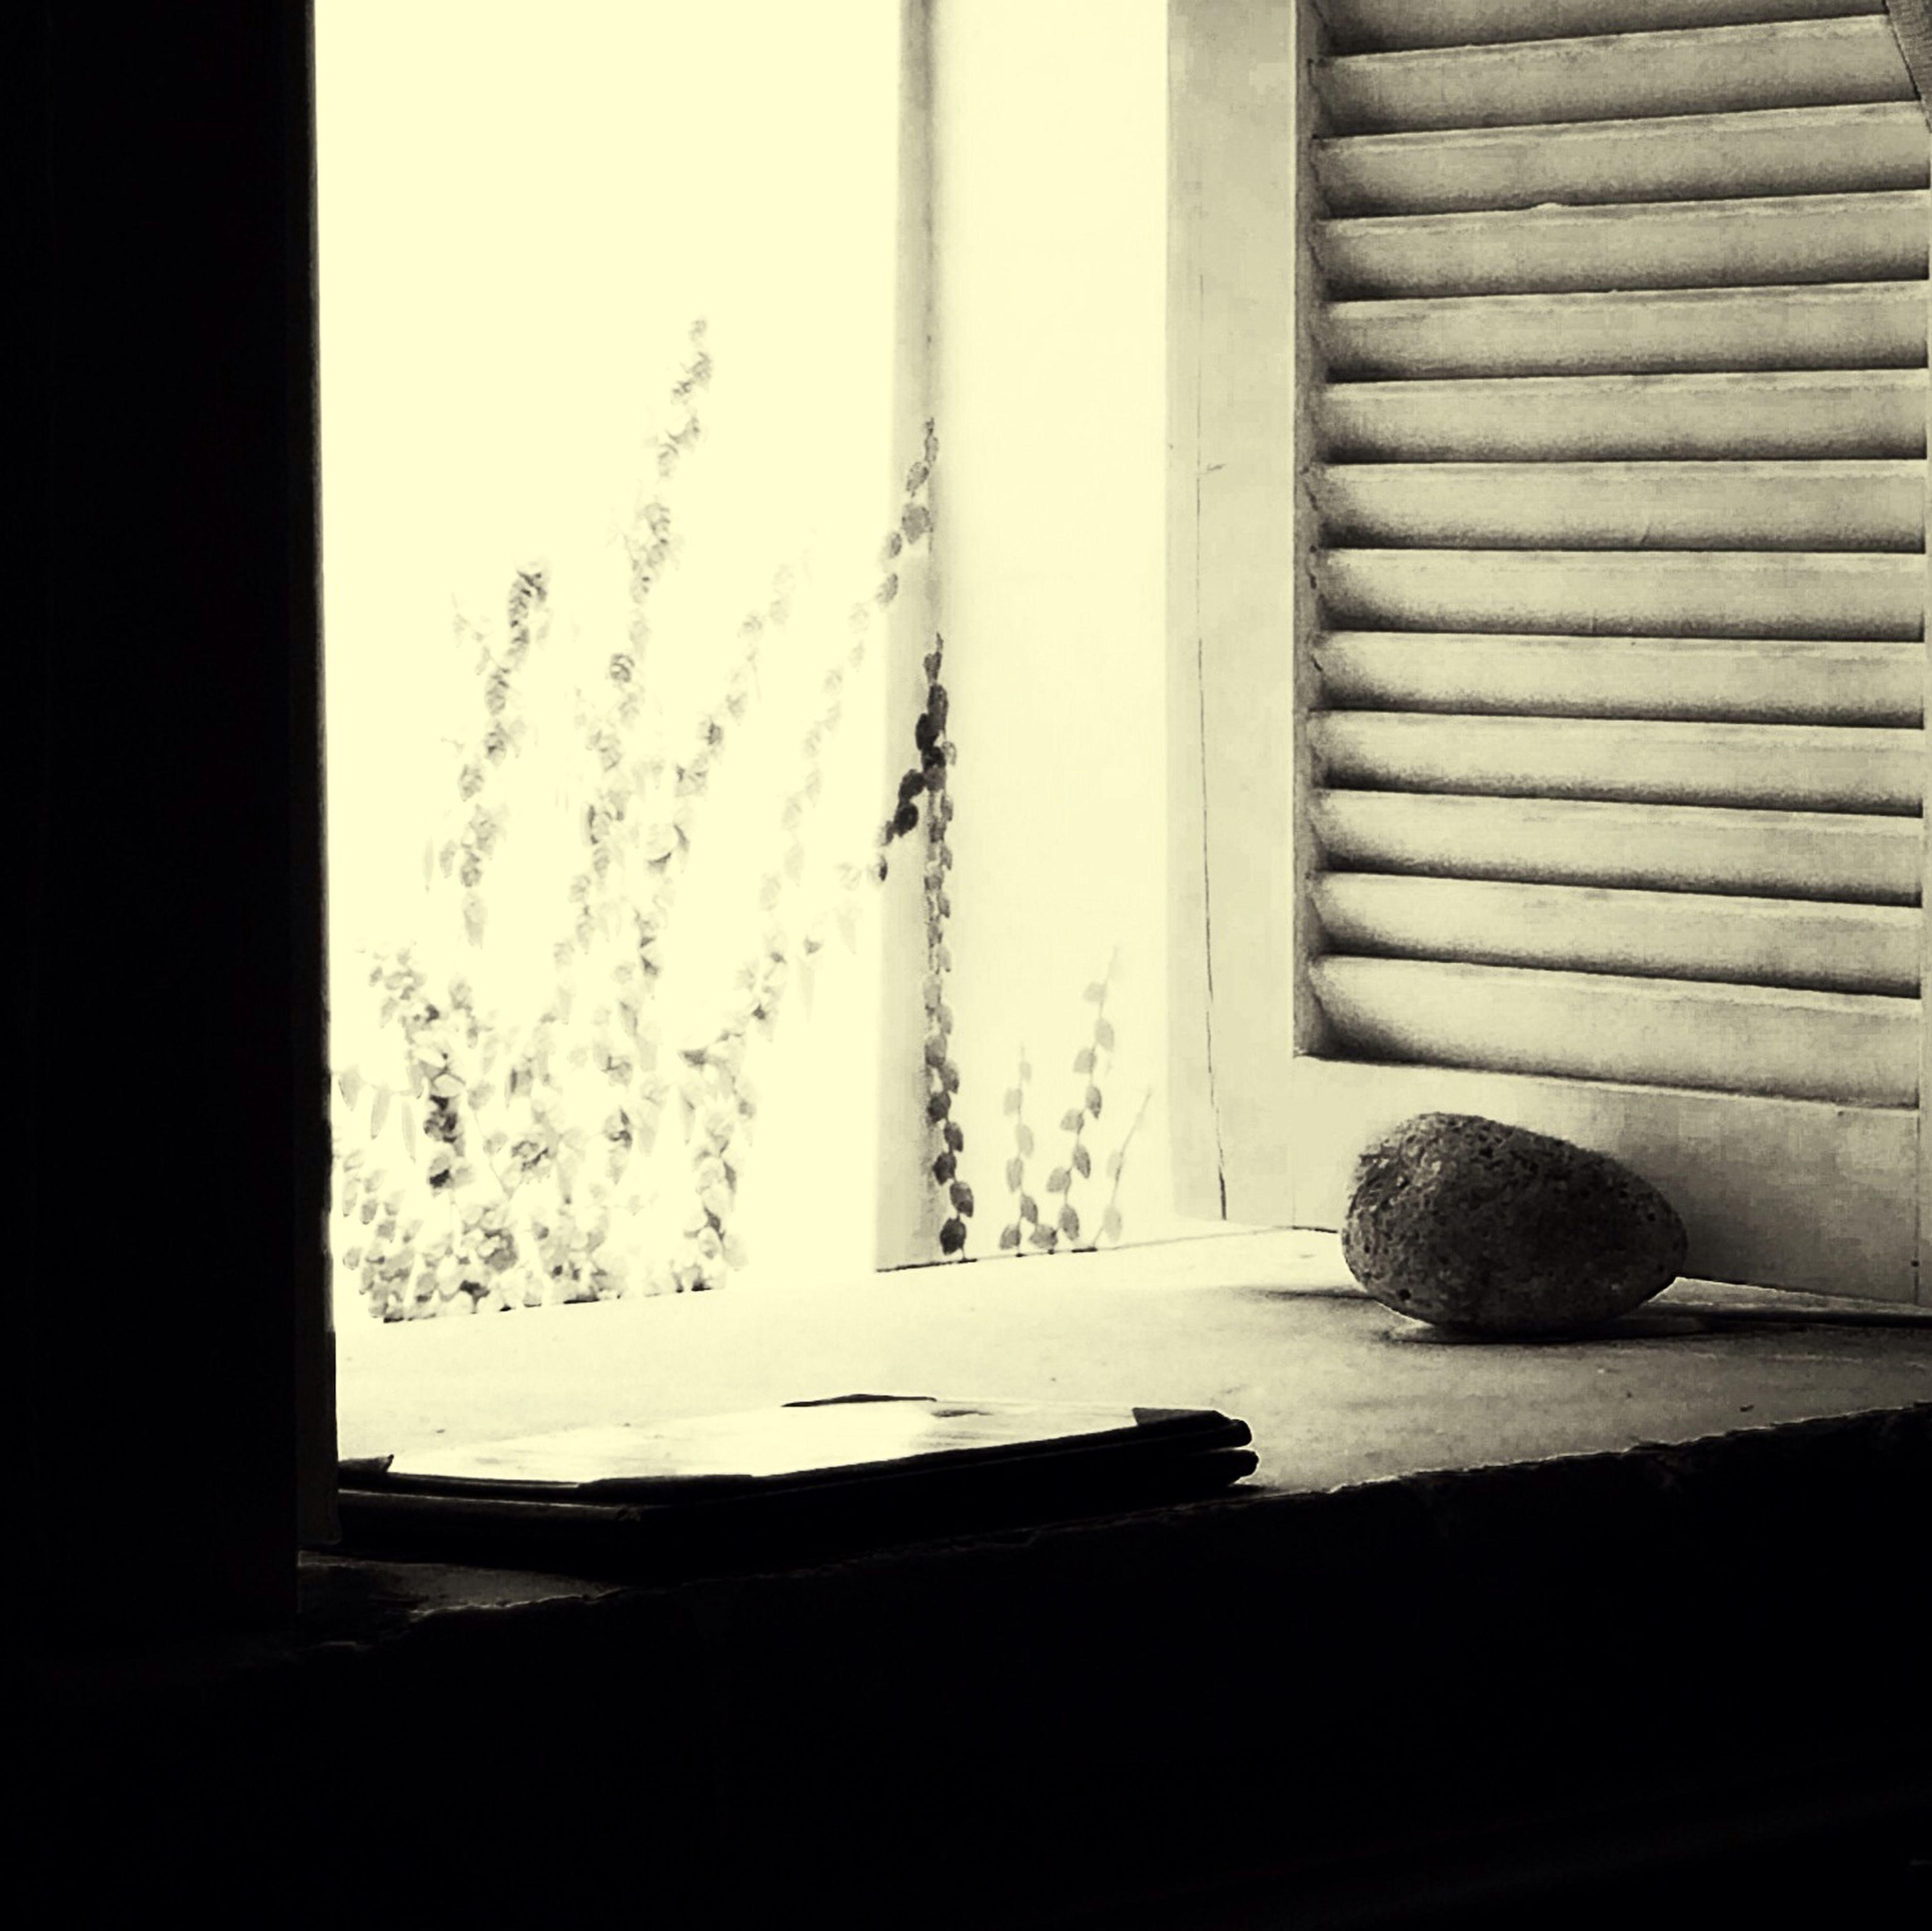 Solo una ventana